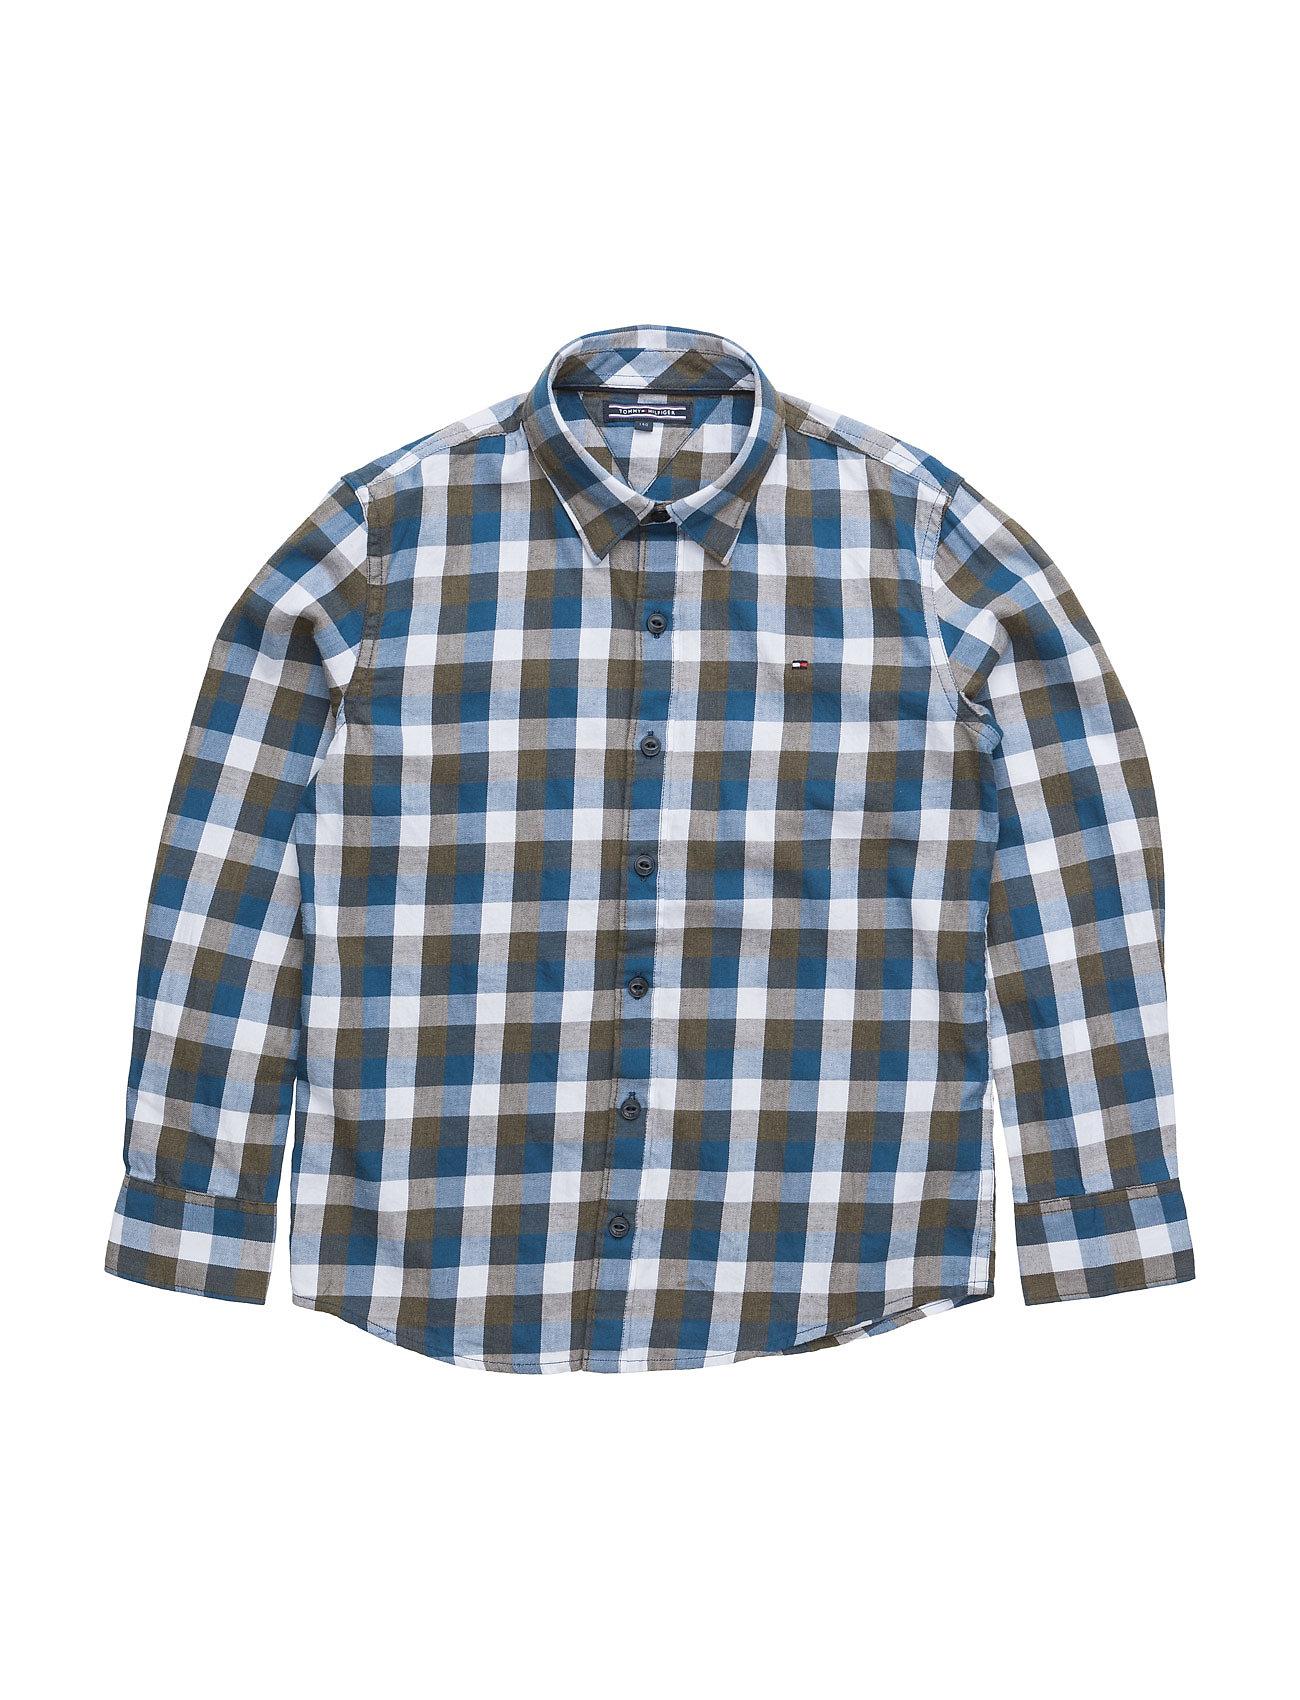 Dg Gingham Twill Check Shirt L/S Tommy Hilfiger  til Børn i Grøn